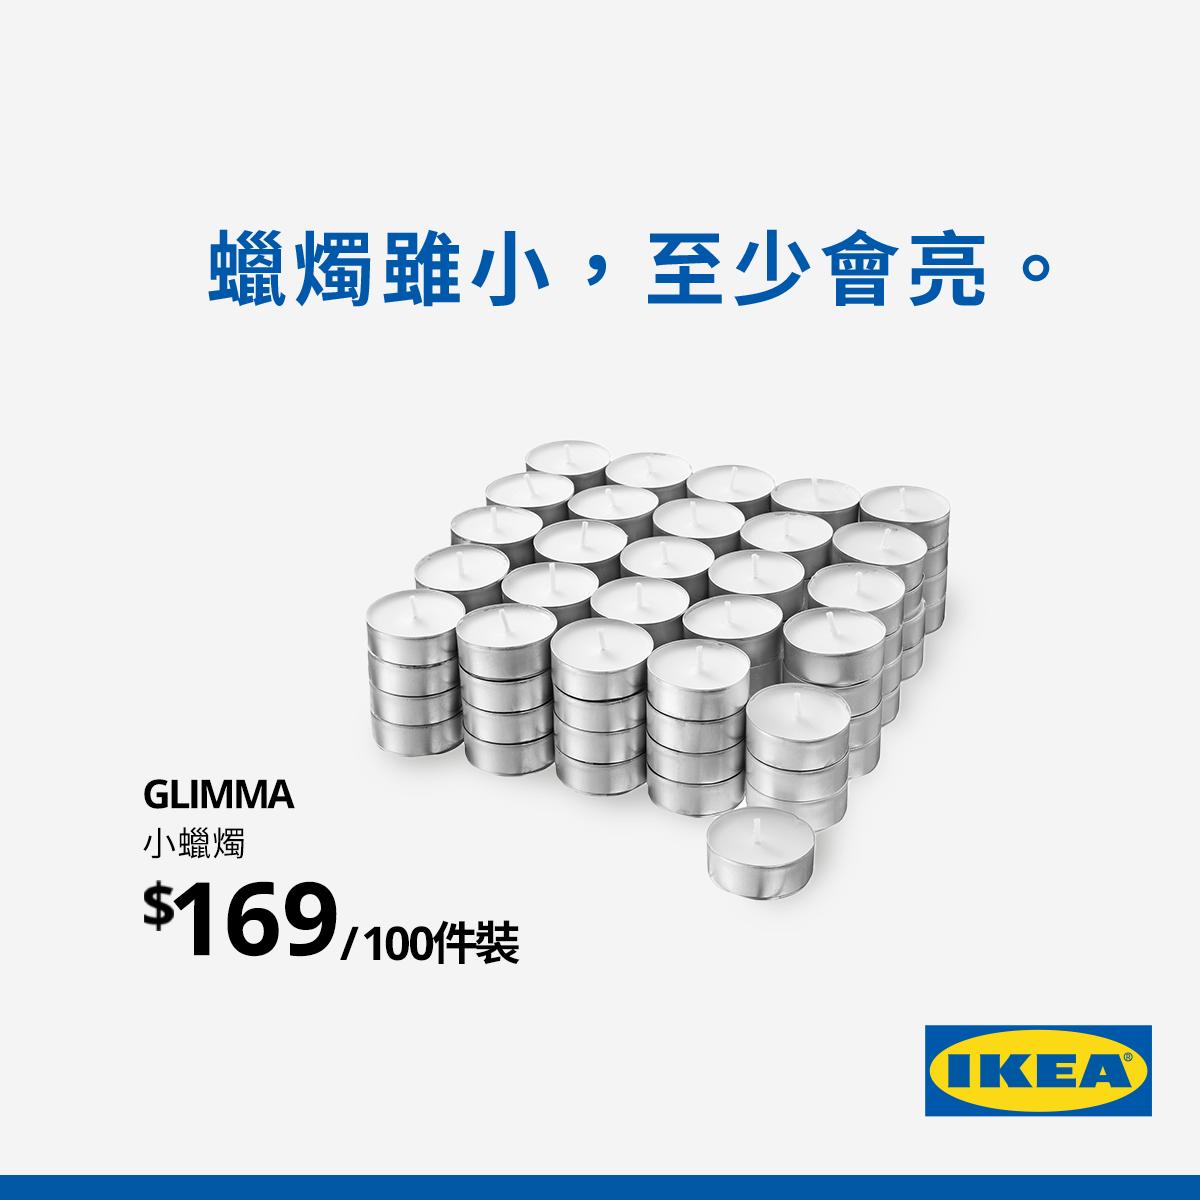 全台13日大停電陷入漆黑,知名家具大牌IKEA順勢替自家產品幽默打廣告,更不忘酸出包的台電,推出的蠟燭文案笑翻大票網友。(圖/IKEA F...